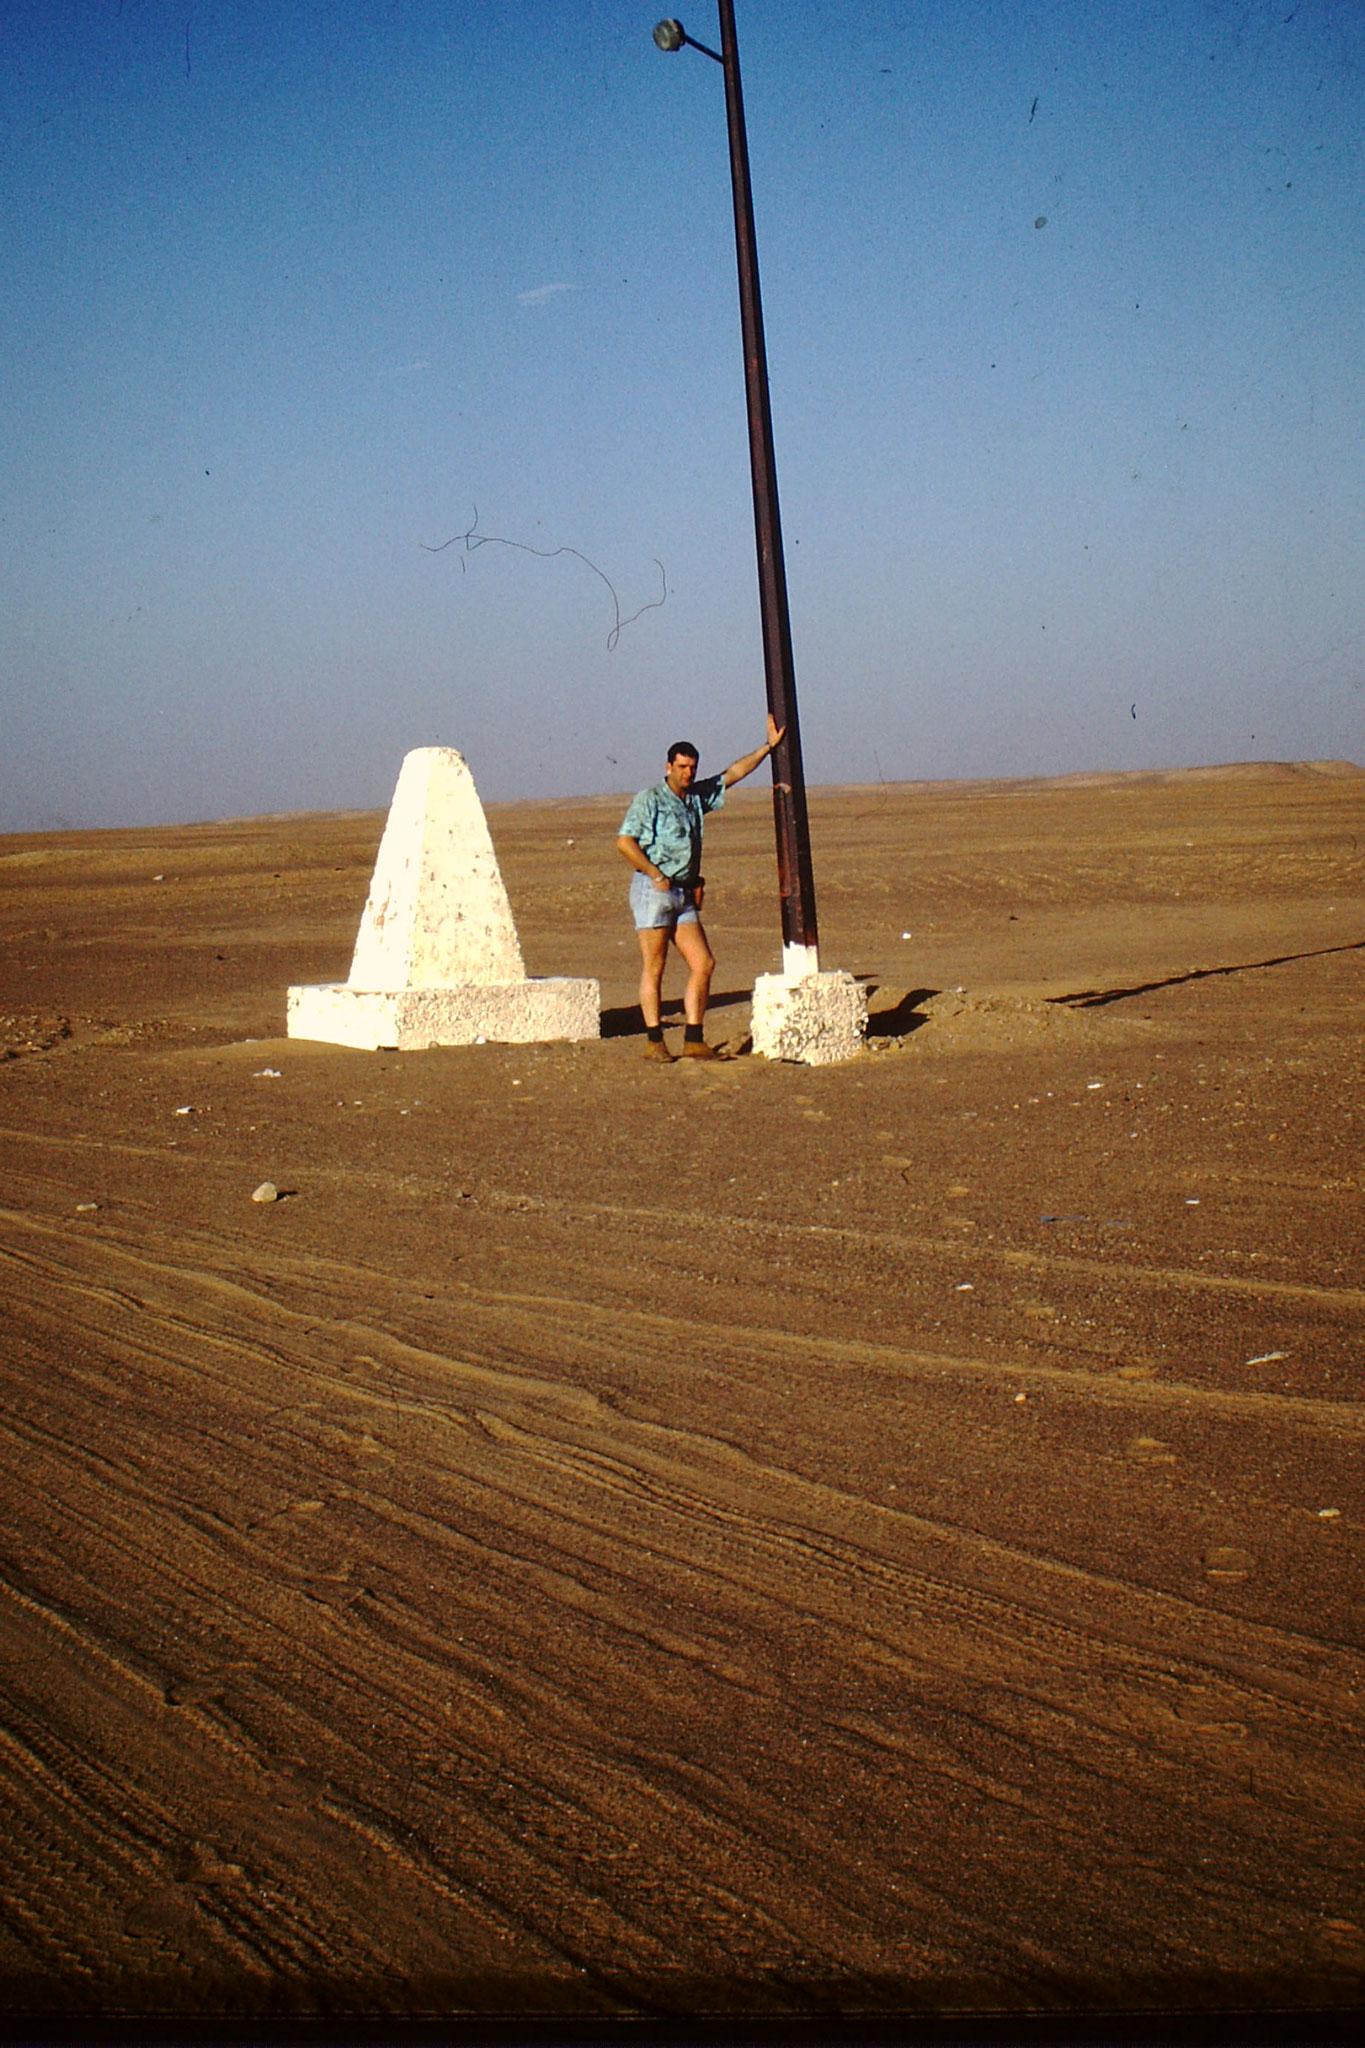 Alle 10 Km hat es auf der Tanezerouft Piste ein Wegzeichen mit Solarlampe. Nachts durfte man auf dieser Piste als Tourist nicht fahren. Einzige Ausnahme war, wenn man sich Verfahren hatte, musste man bis zur nächsten Solarlampe fahren. Übernachten sol